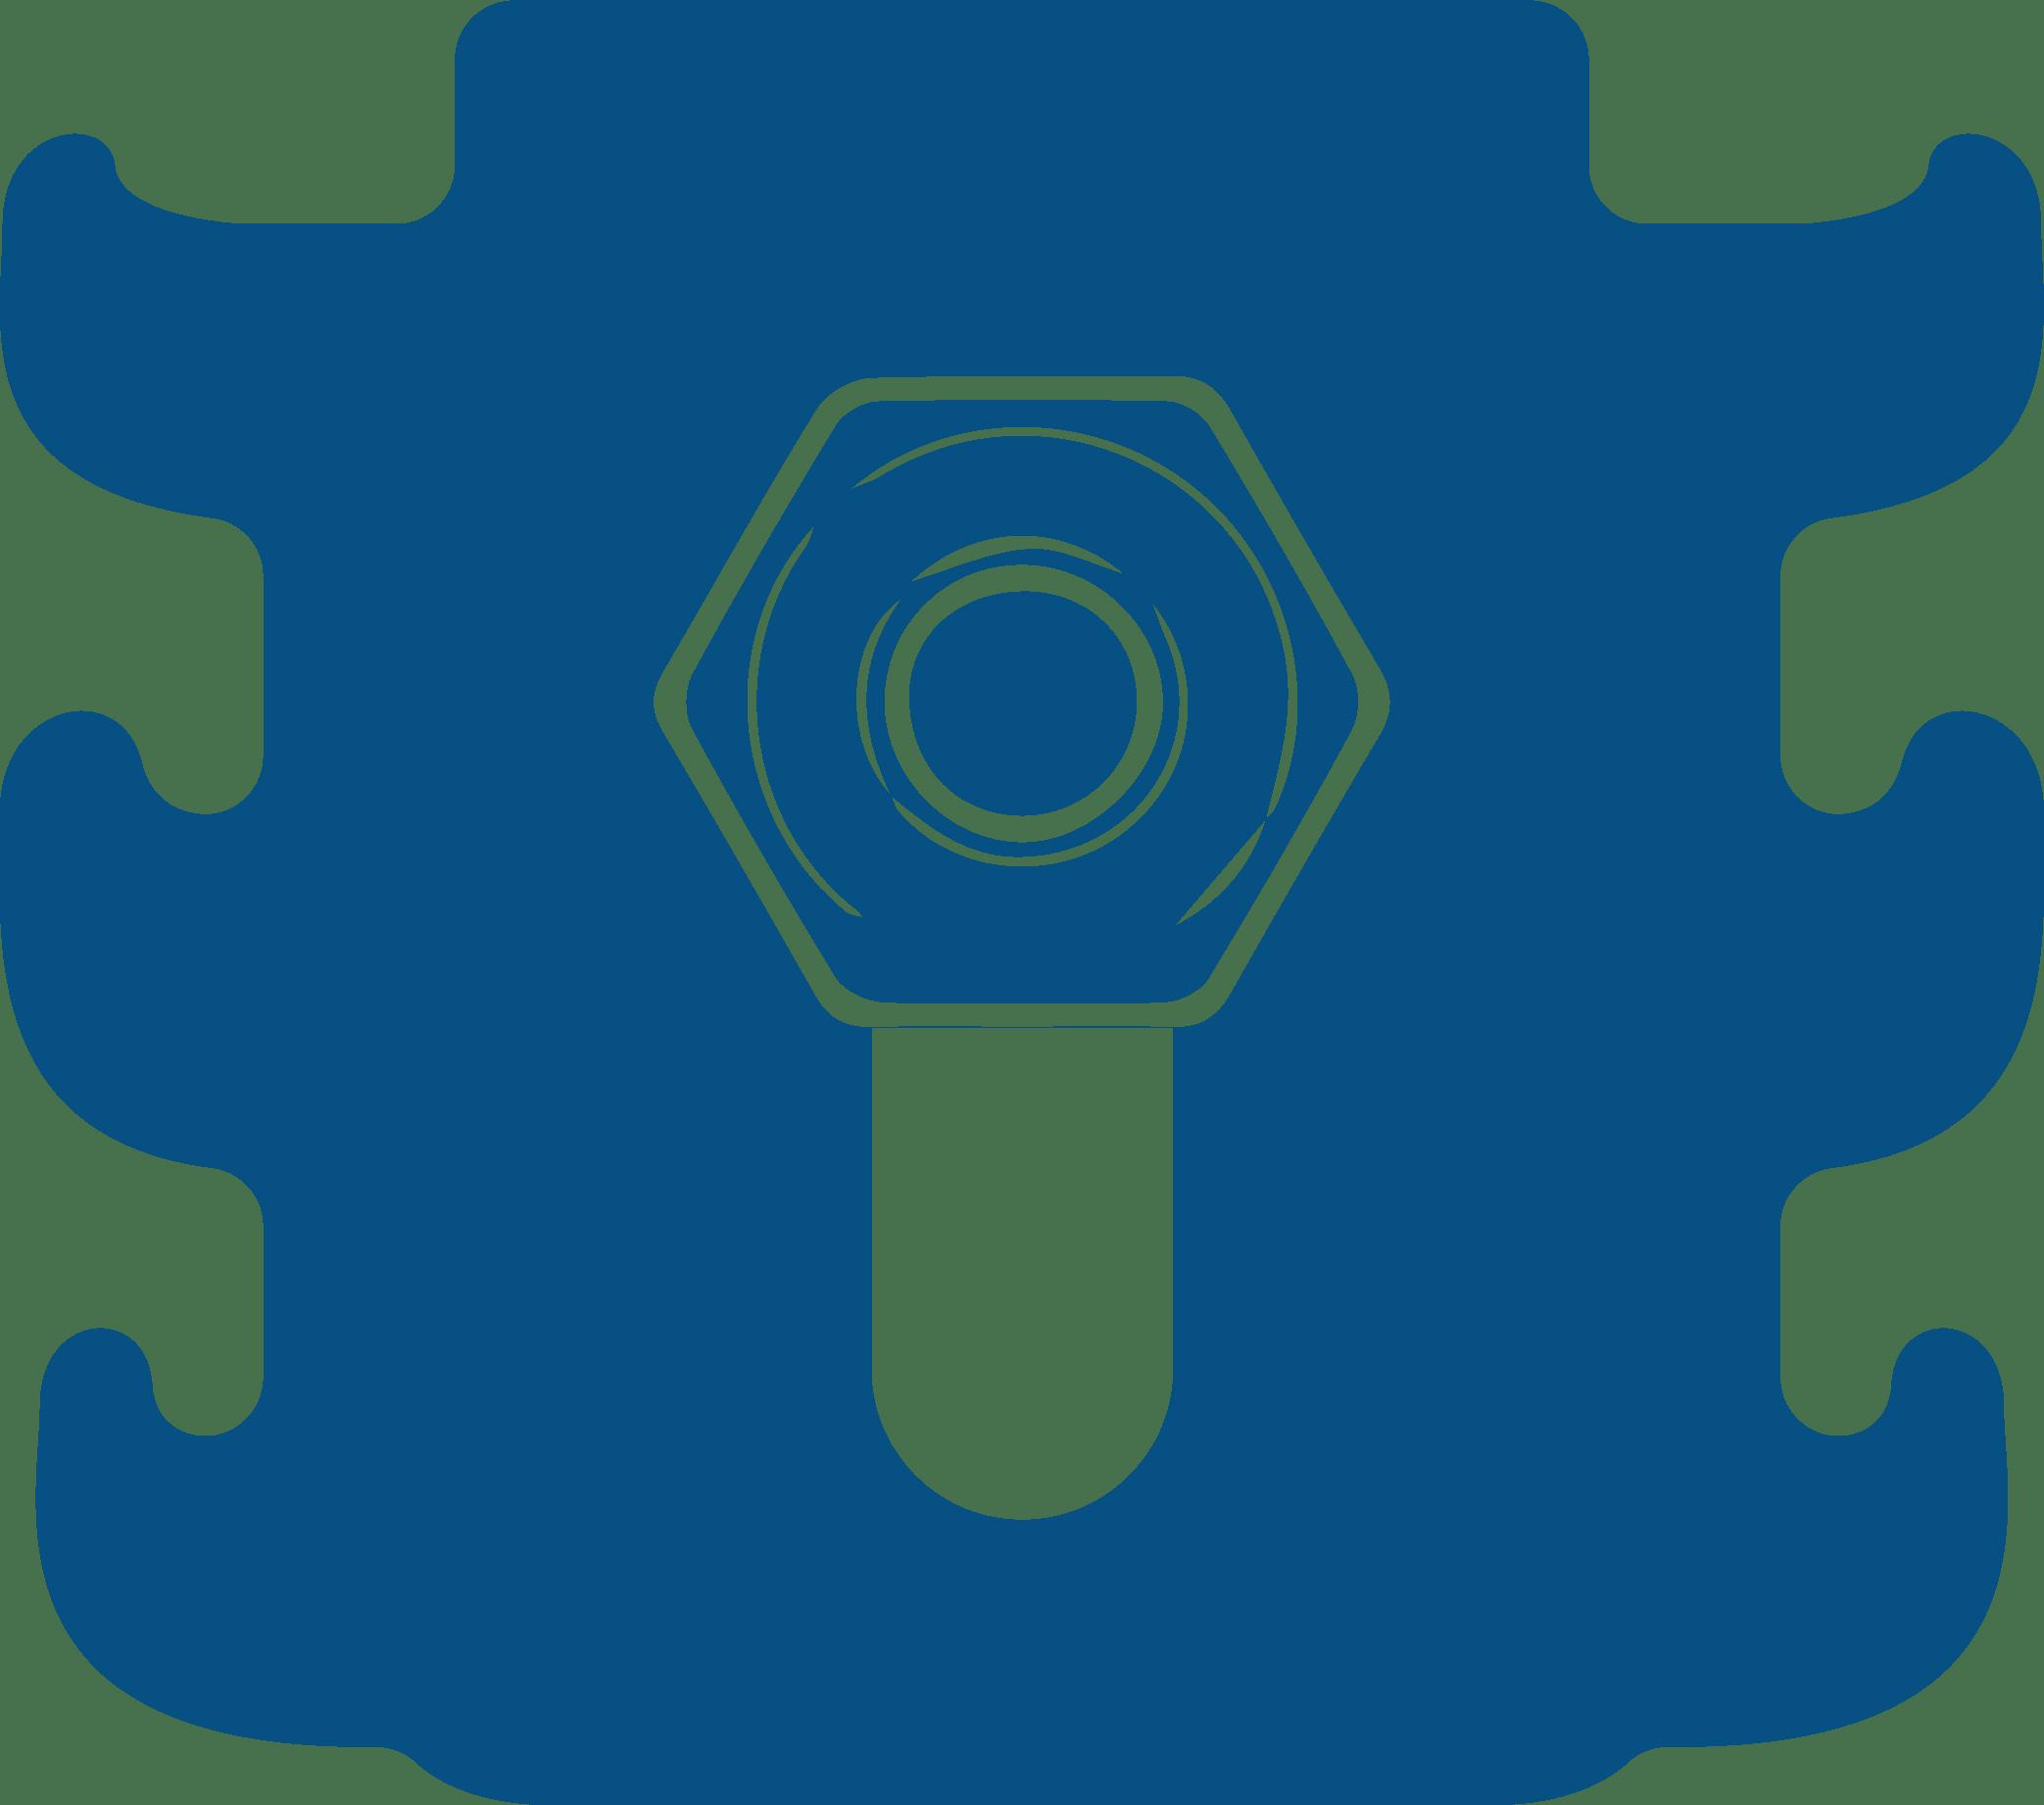 Icon ข้อดีรั้วตะแกรงเหล็กซิงค์อลู ใช้อุปกรณ์ยึดแบบพิเศษ